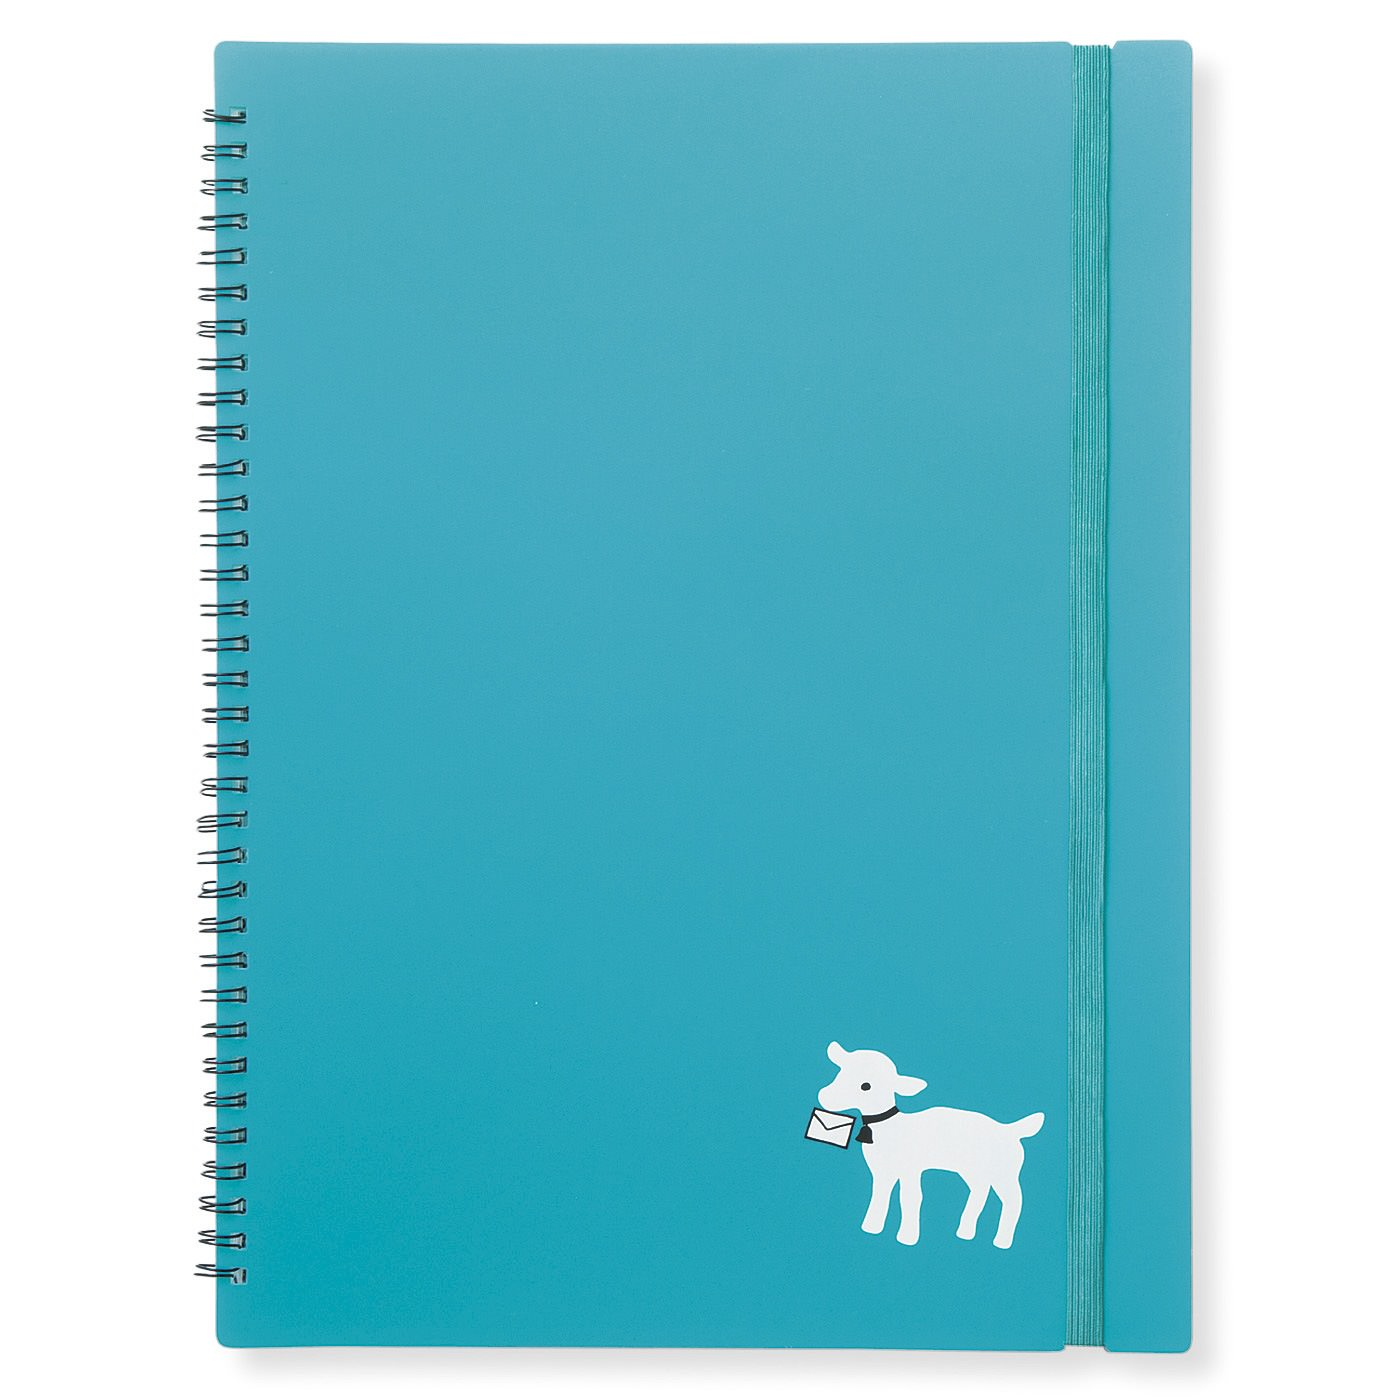 ササッとめくって探しやすいノート式。A4サイズがすっきり収まり、持ち歩きやすいよう、ばらけないゴム付き。中身が見えてしまいやすいクリアファイル式。